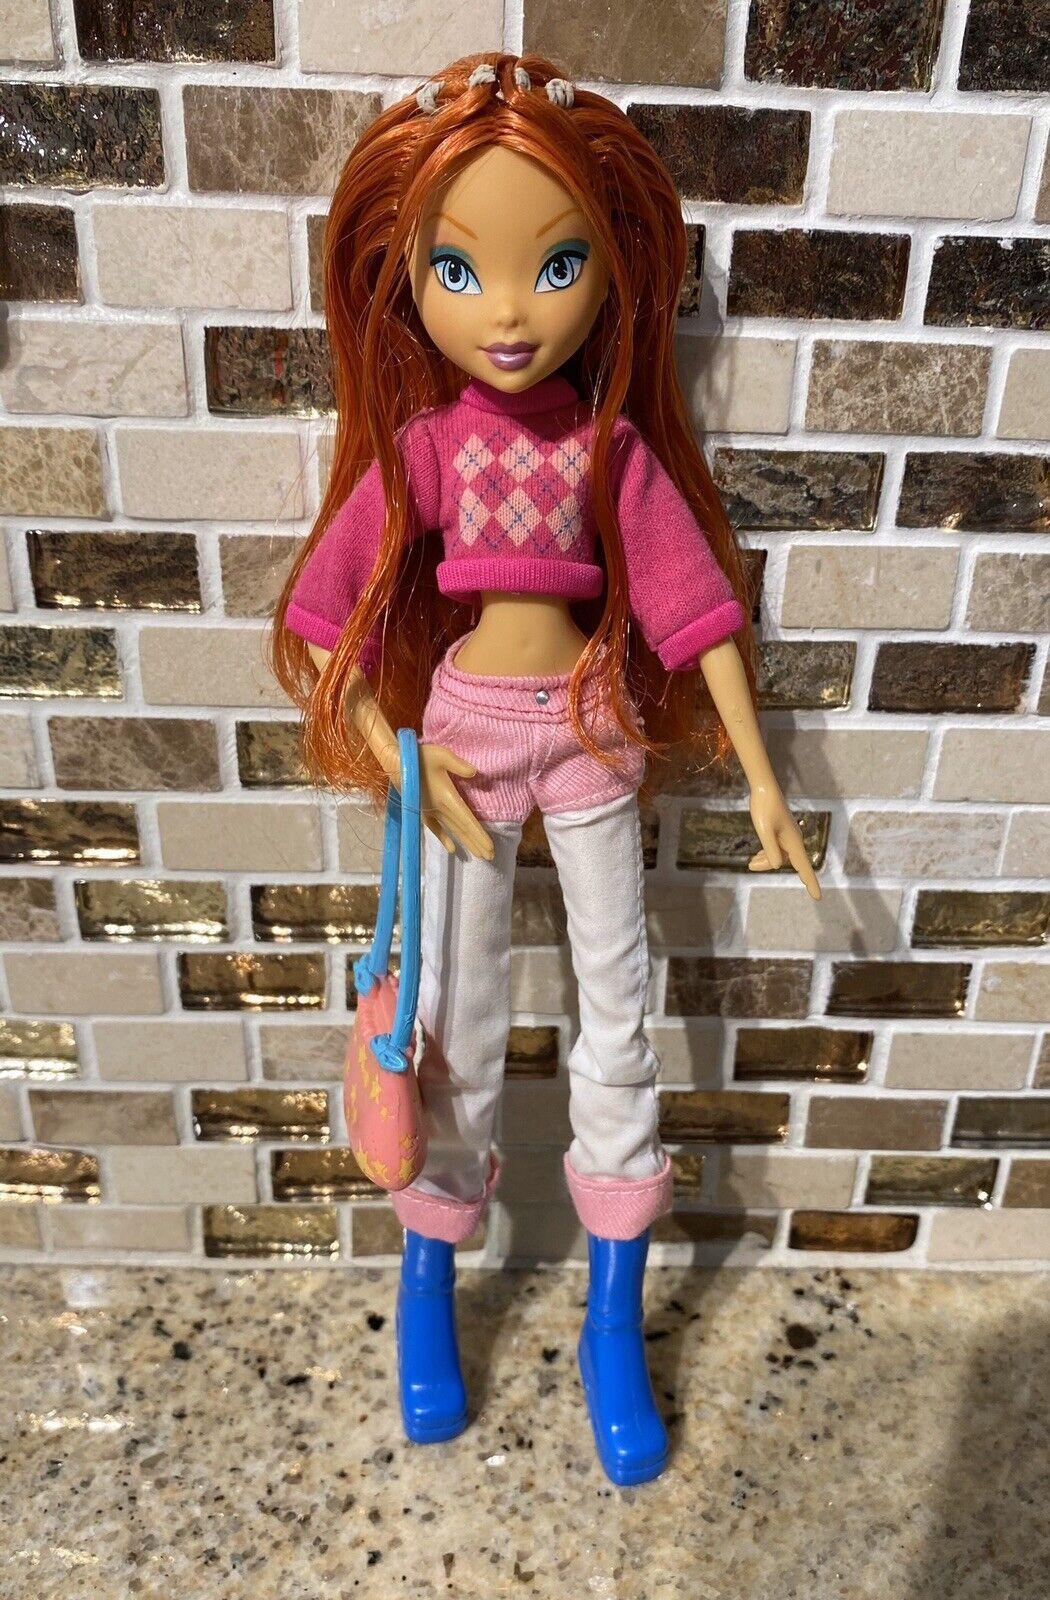 Winx Verein Shopping Day Bloom Mattel Doll NOOB